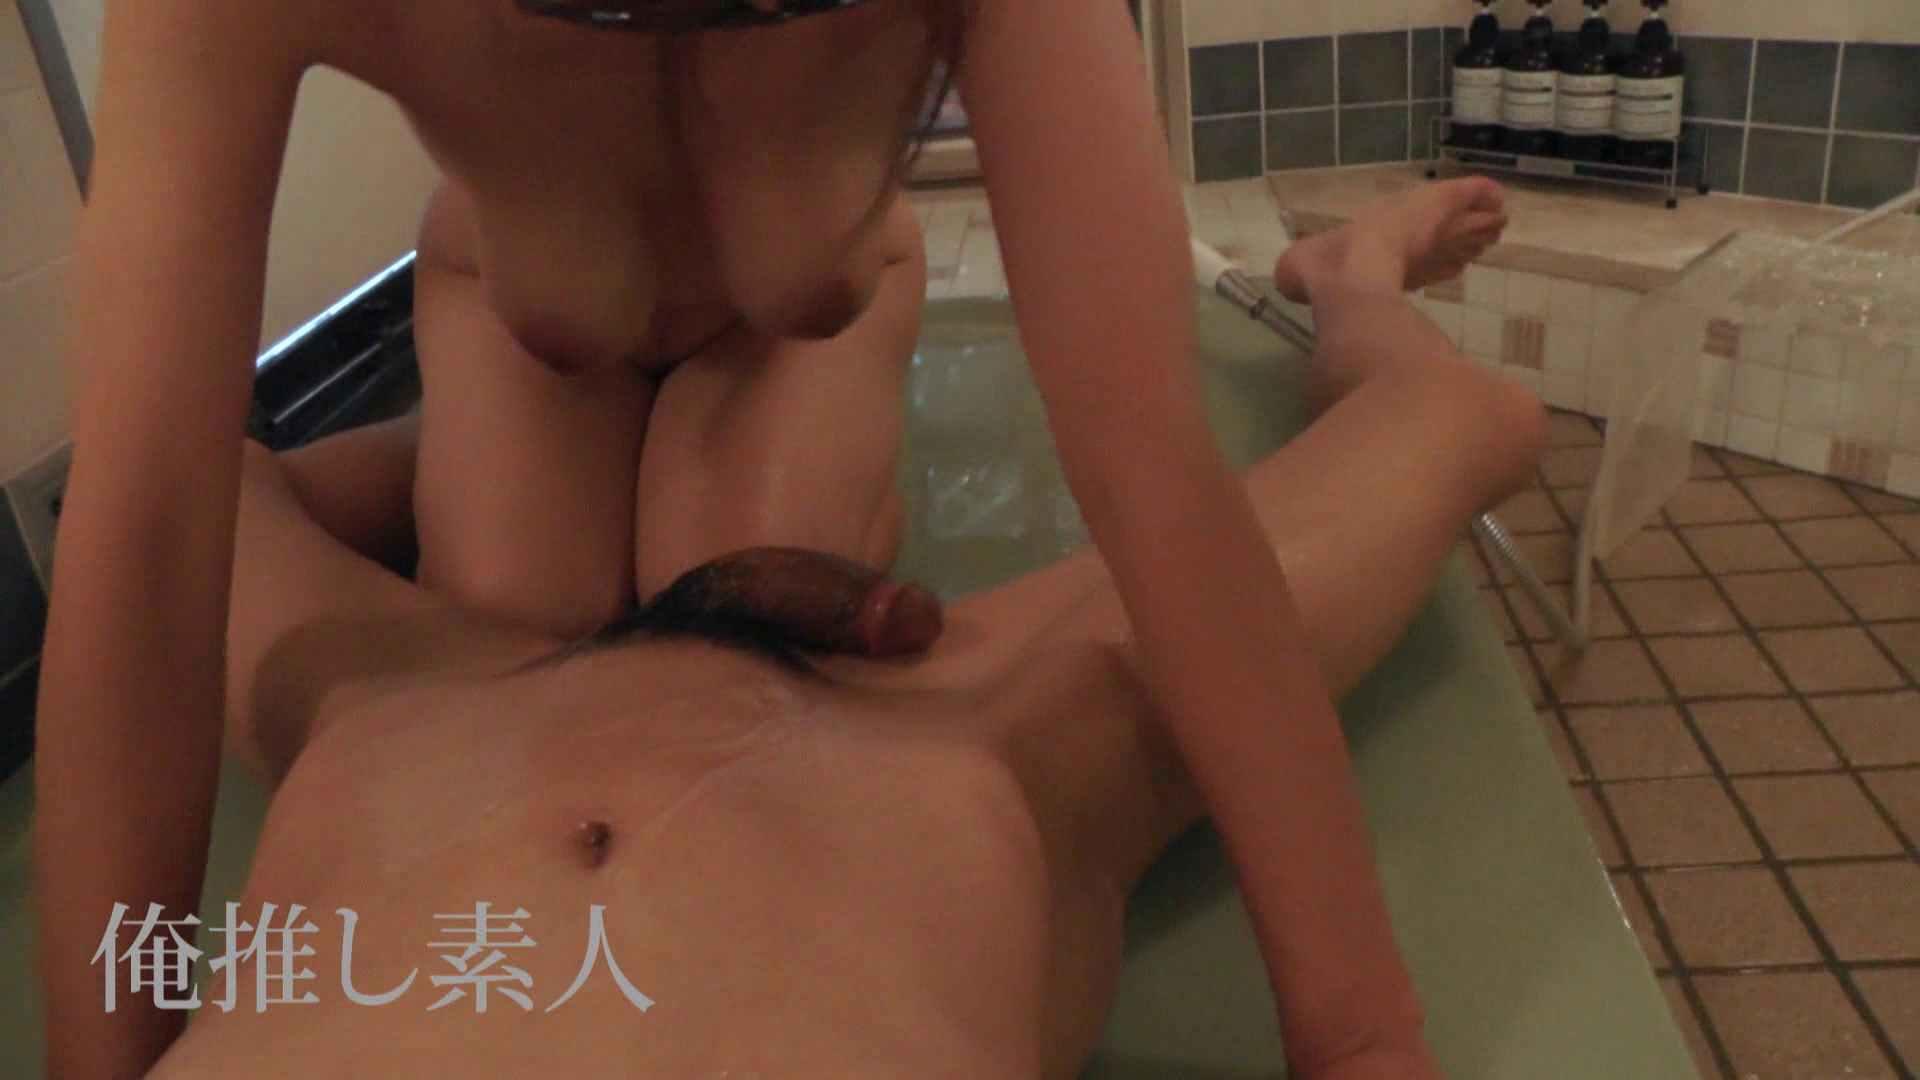 俺推し素人 30代人妻熟女キャバ嬢雫Vol.02 おっぱい   OL  66連発 35